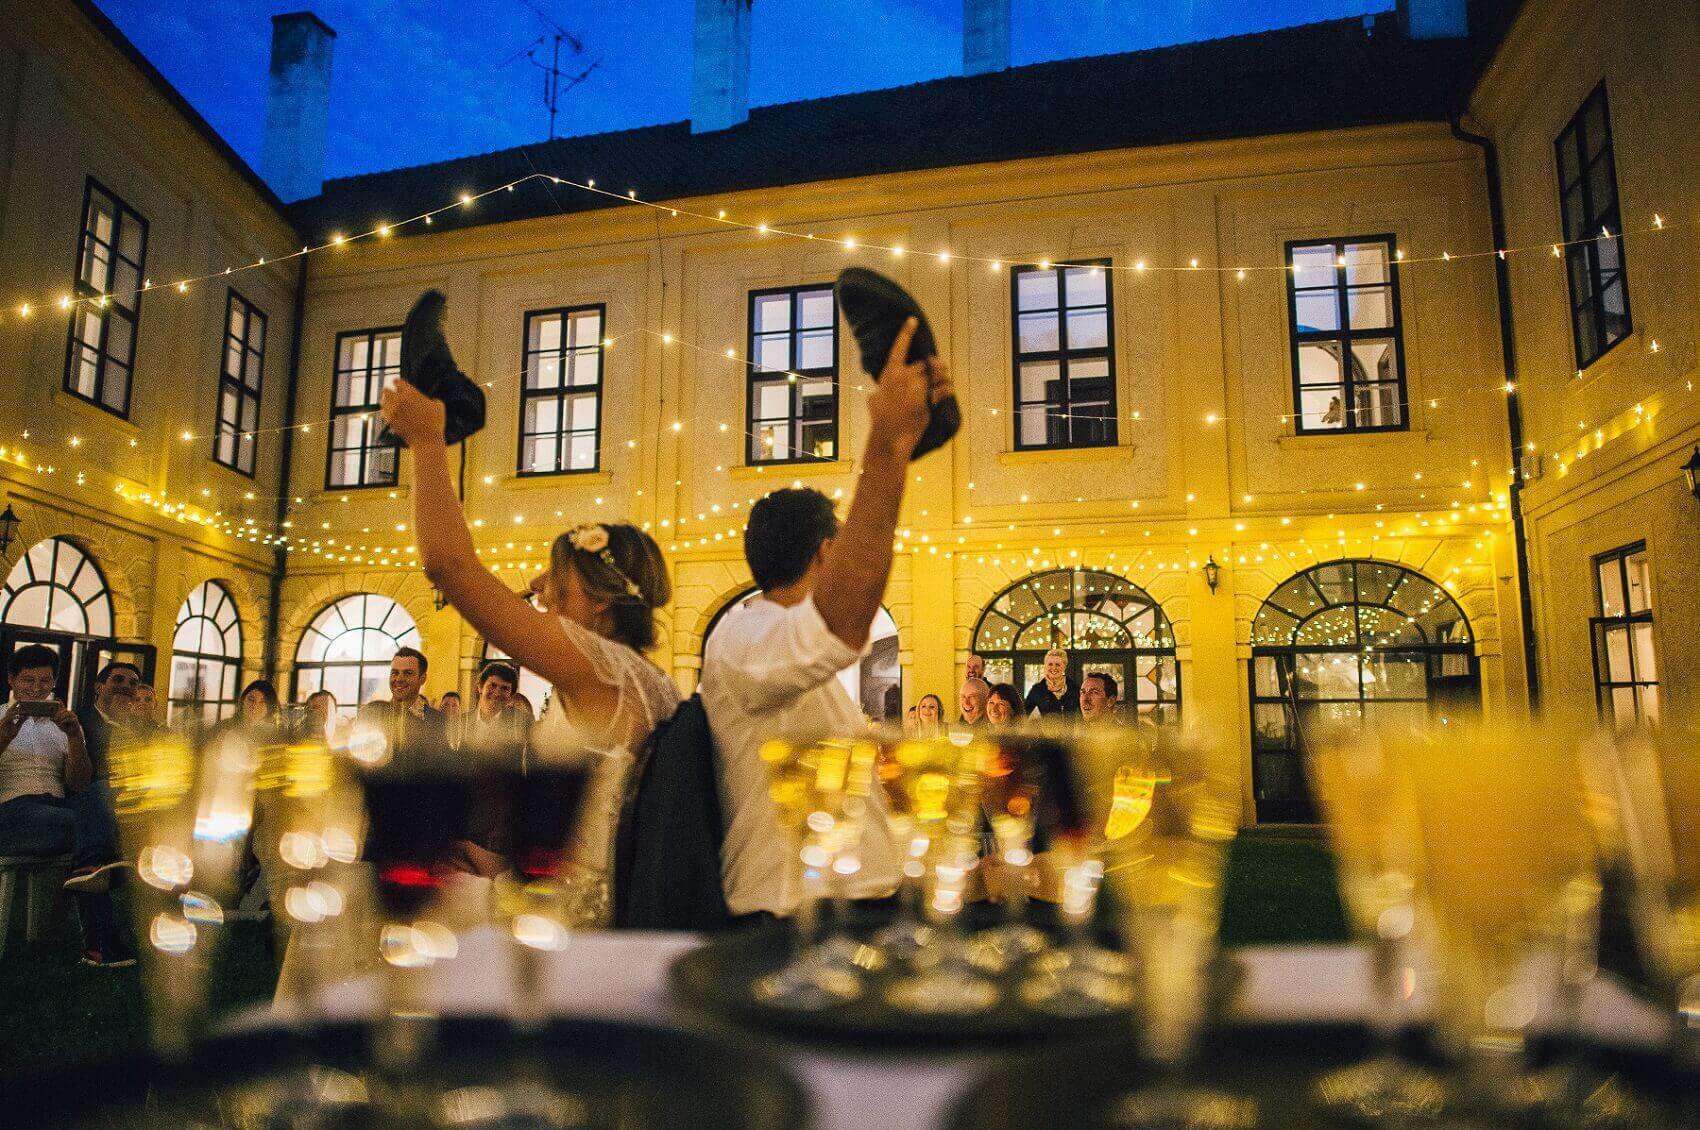 Oslava svatby na Zámku Hostačov